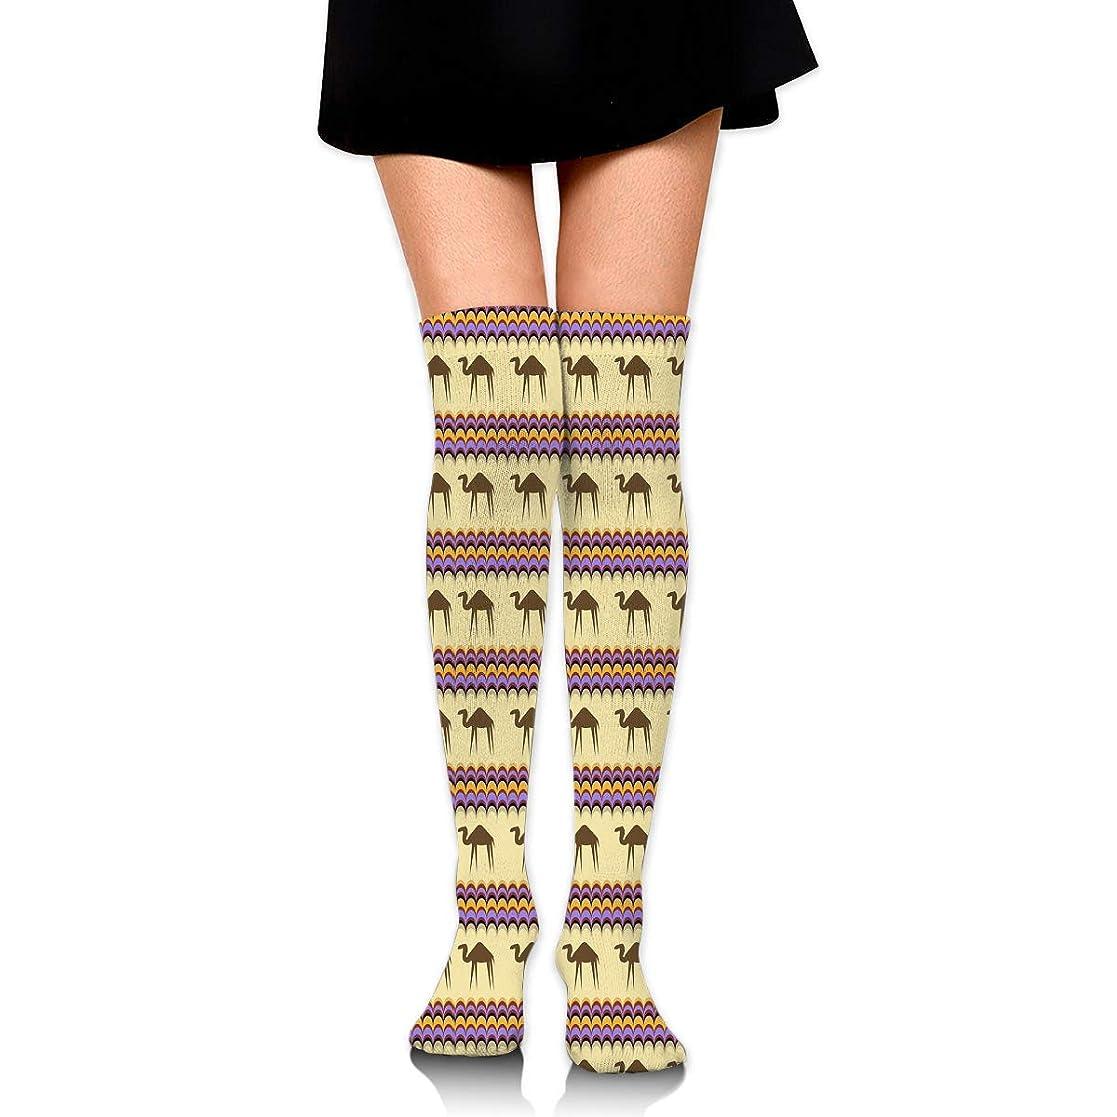 見ました優しい弱いMKLOS 通気性 圧縮ソックス Breathable Thigh High Socks Over Exotic Psychedelic Print Compression High Tube Thigh Boot Stockings Knee High Funny Watermelon Shark Mint Green Stockings Women Girl